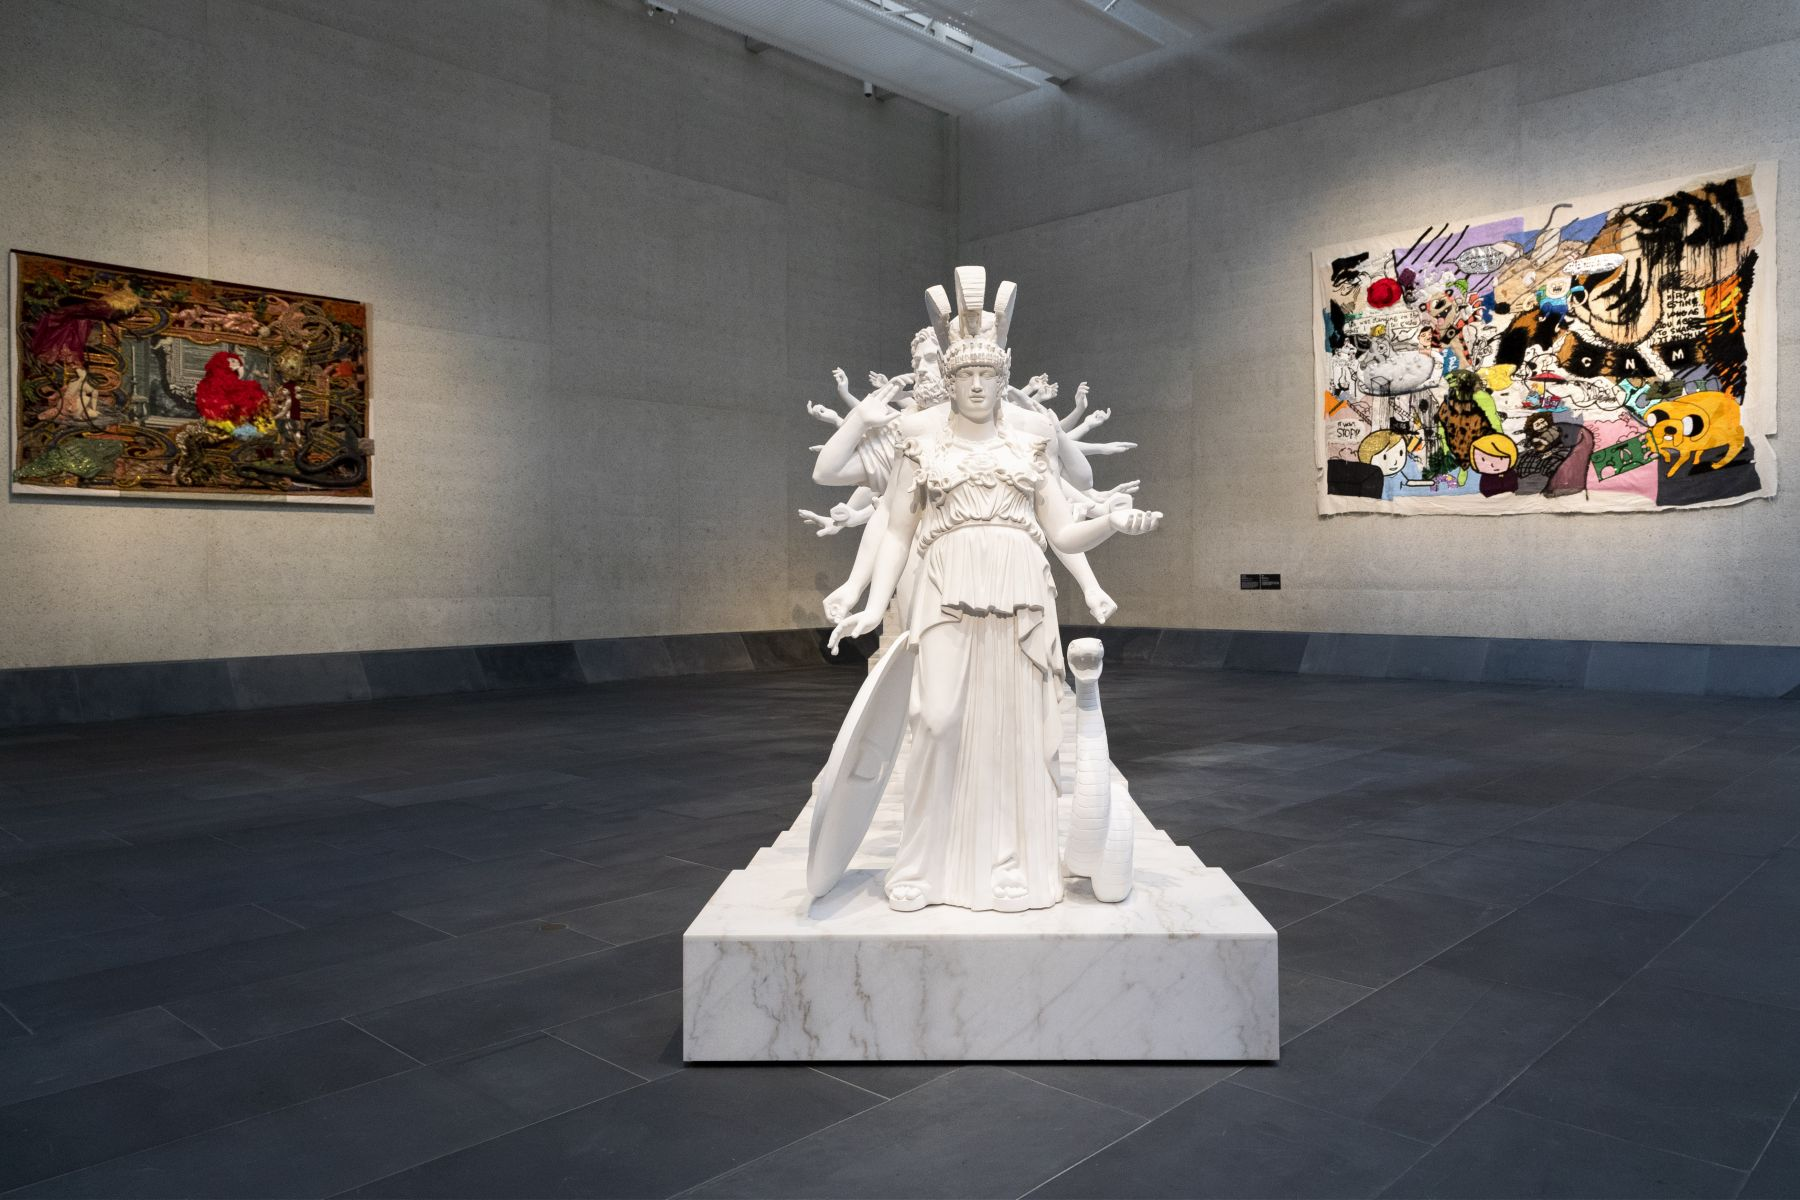 XU ZHEN ®, European Thousand-Arms Classical Sculpture,2014-2015